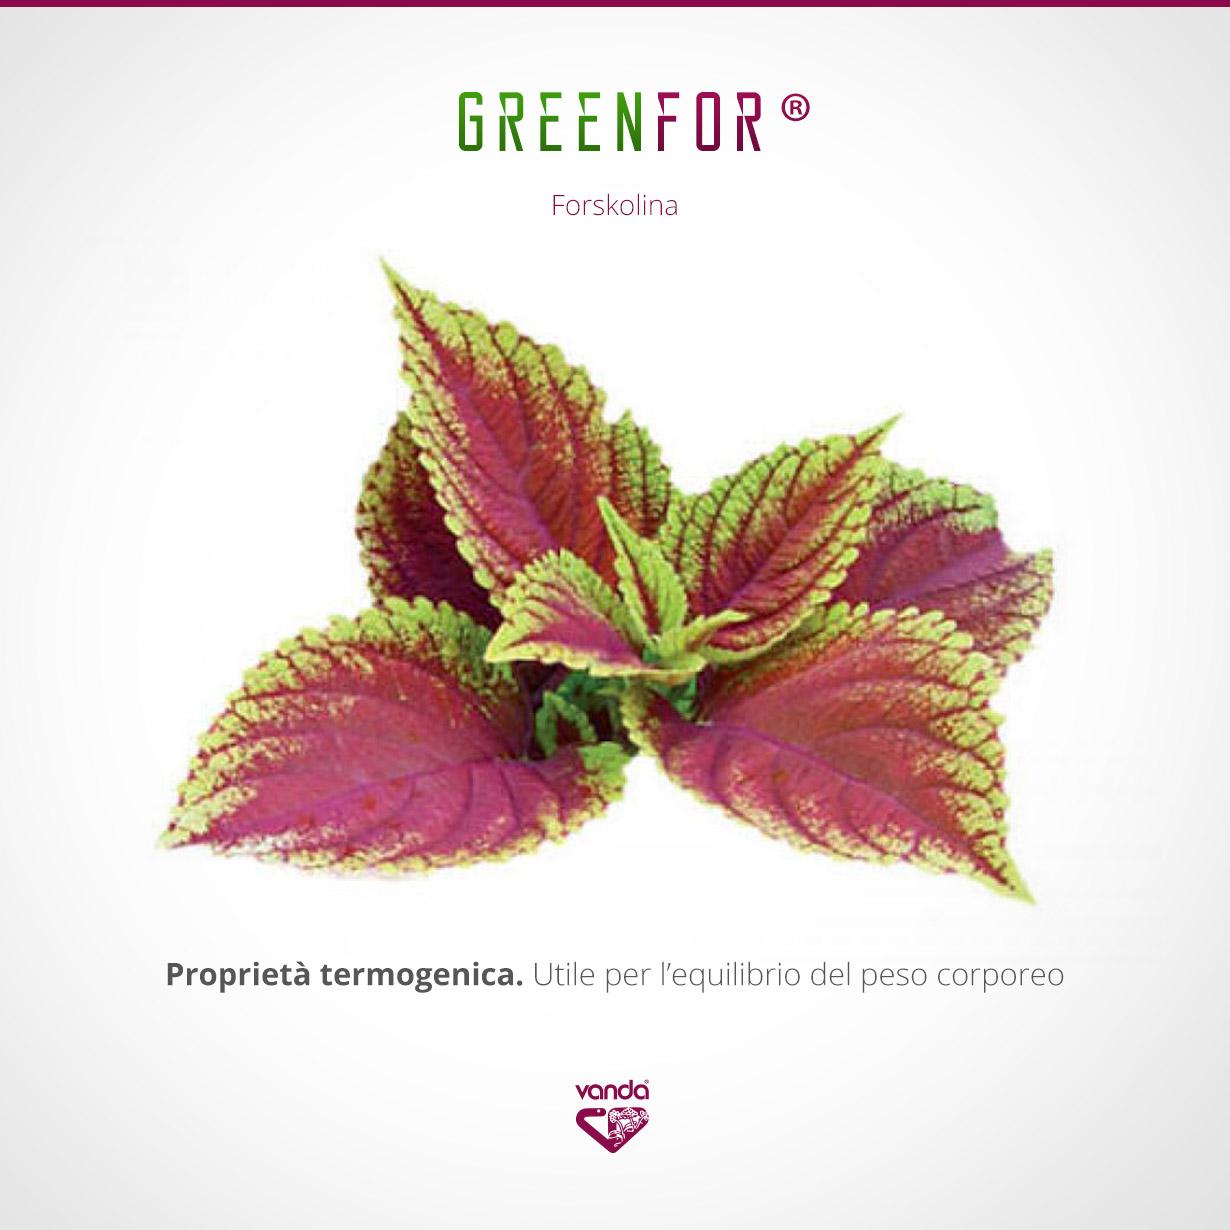 Forskolina, termogenico naturale